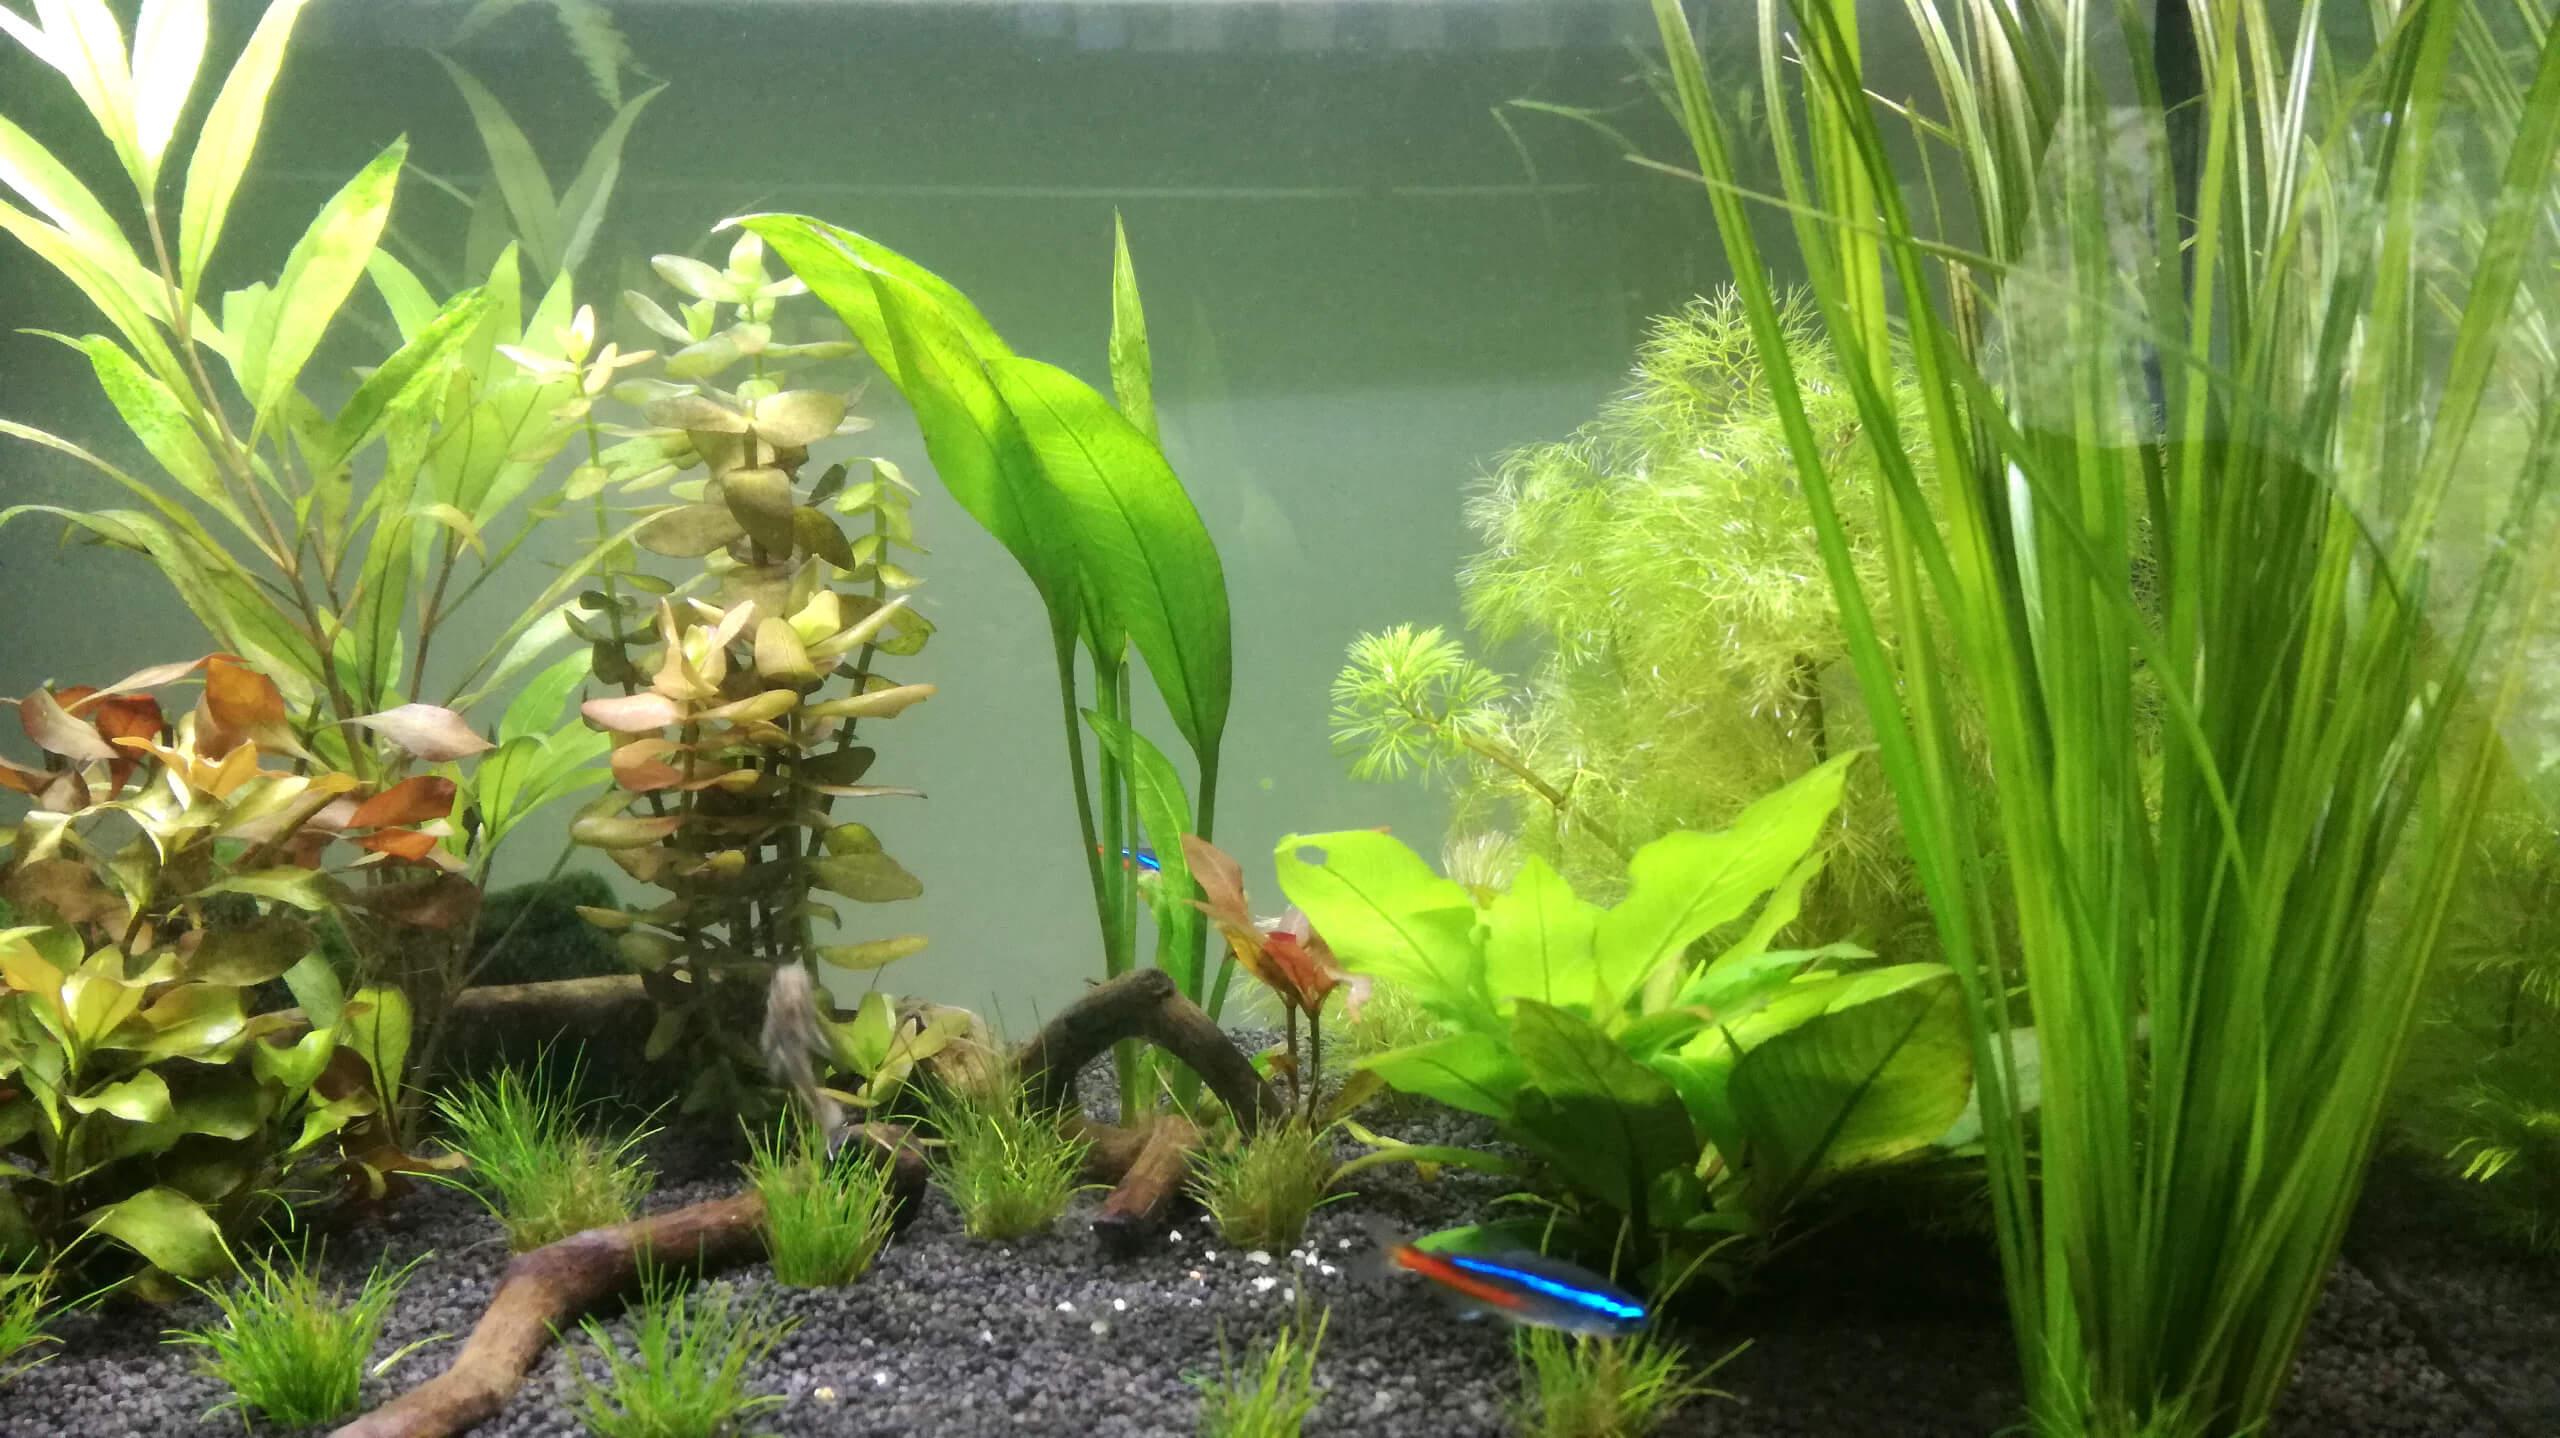 Aquarium Fische Süßwasser Liste : aquarienpflanzen kaufen einsetzen und pflegen s wasseraquarium fische pflanzen deko kosten ~ Watch28wear.com Haus und Dekorationen